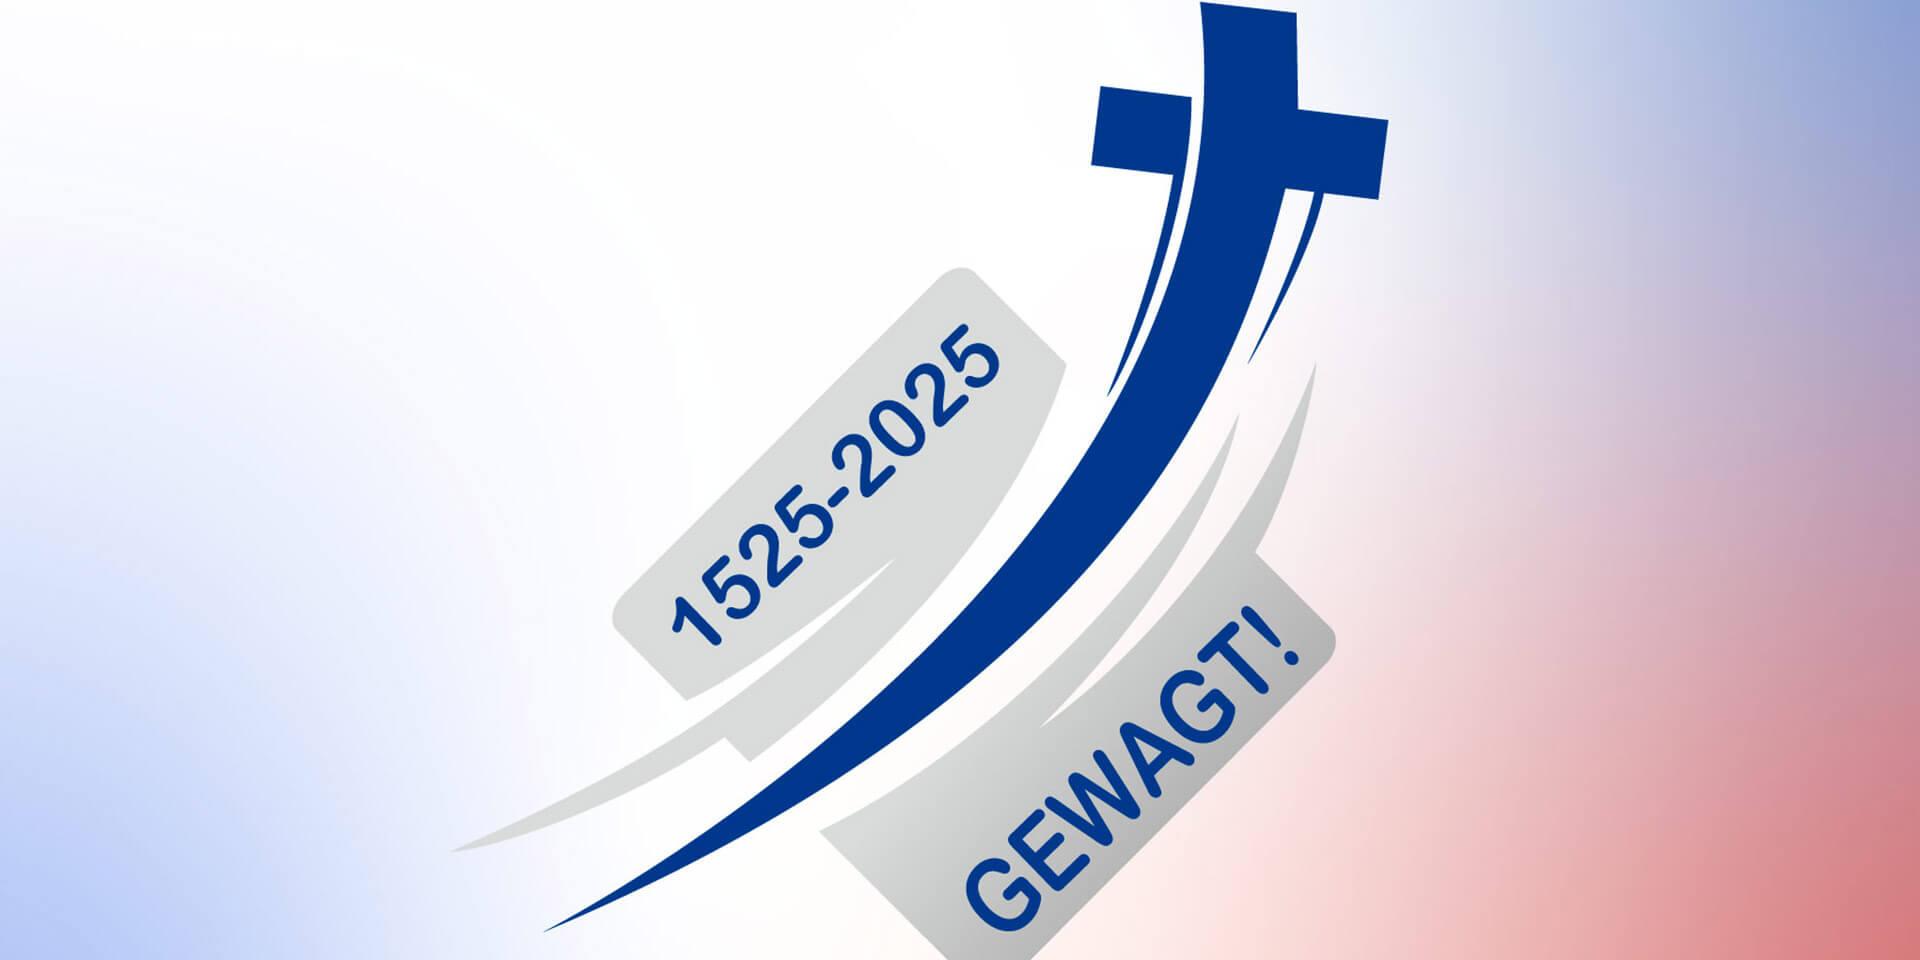 Logo Täuferbewegung 1525 - 2025 gewagt